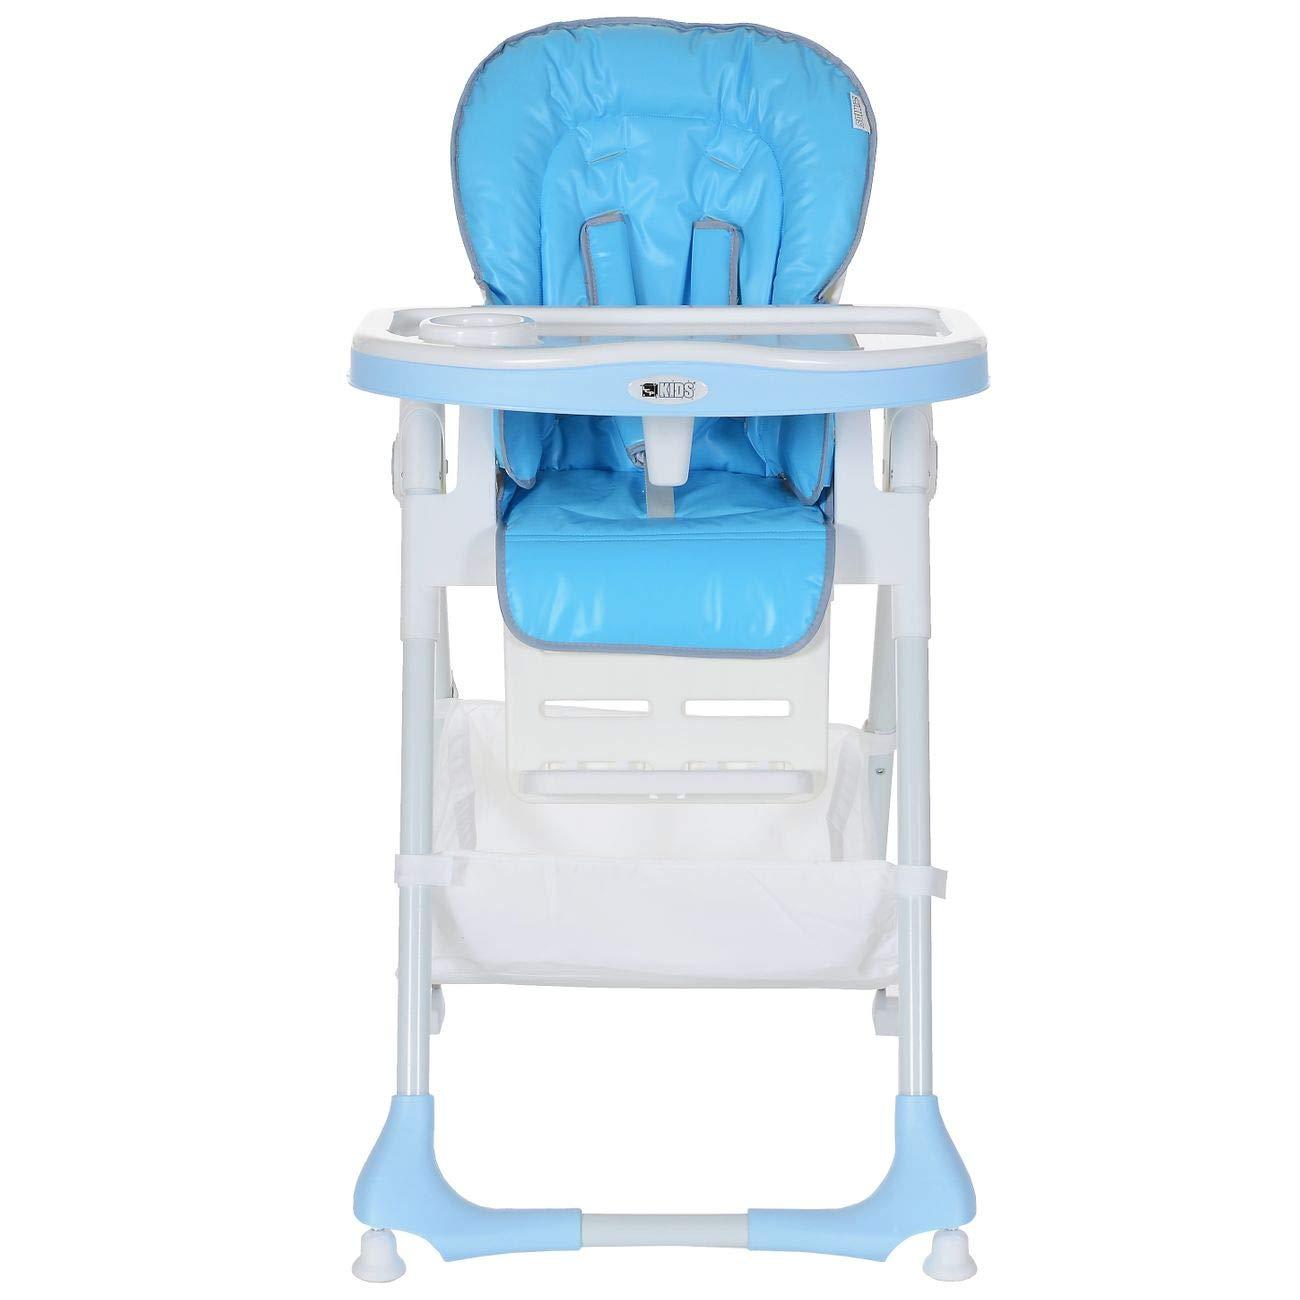 Plegable Cintur/ón 5 Puntos; Azul Silla Trona Beb/é Reclinable Altura Regulable